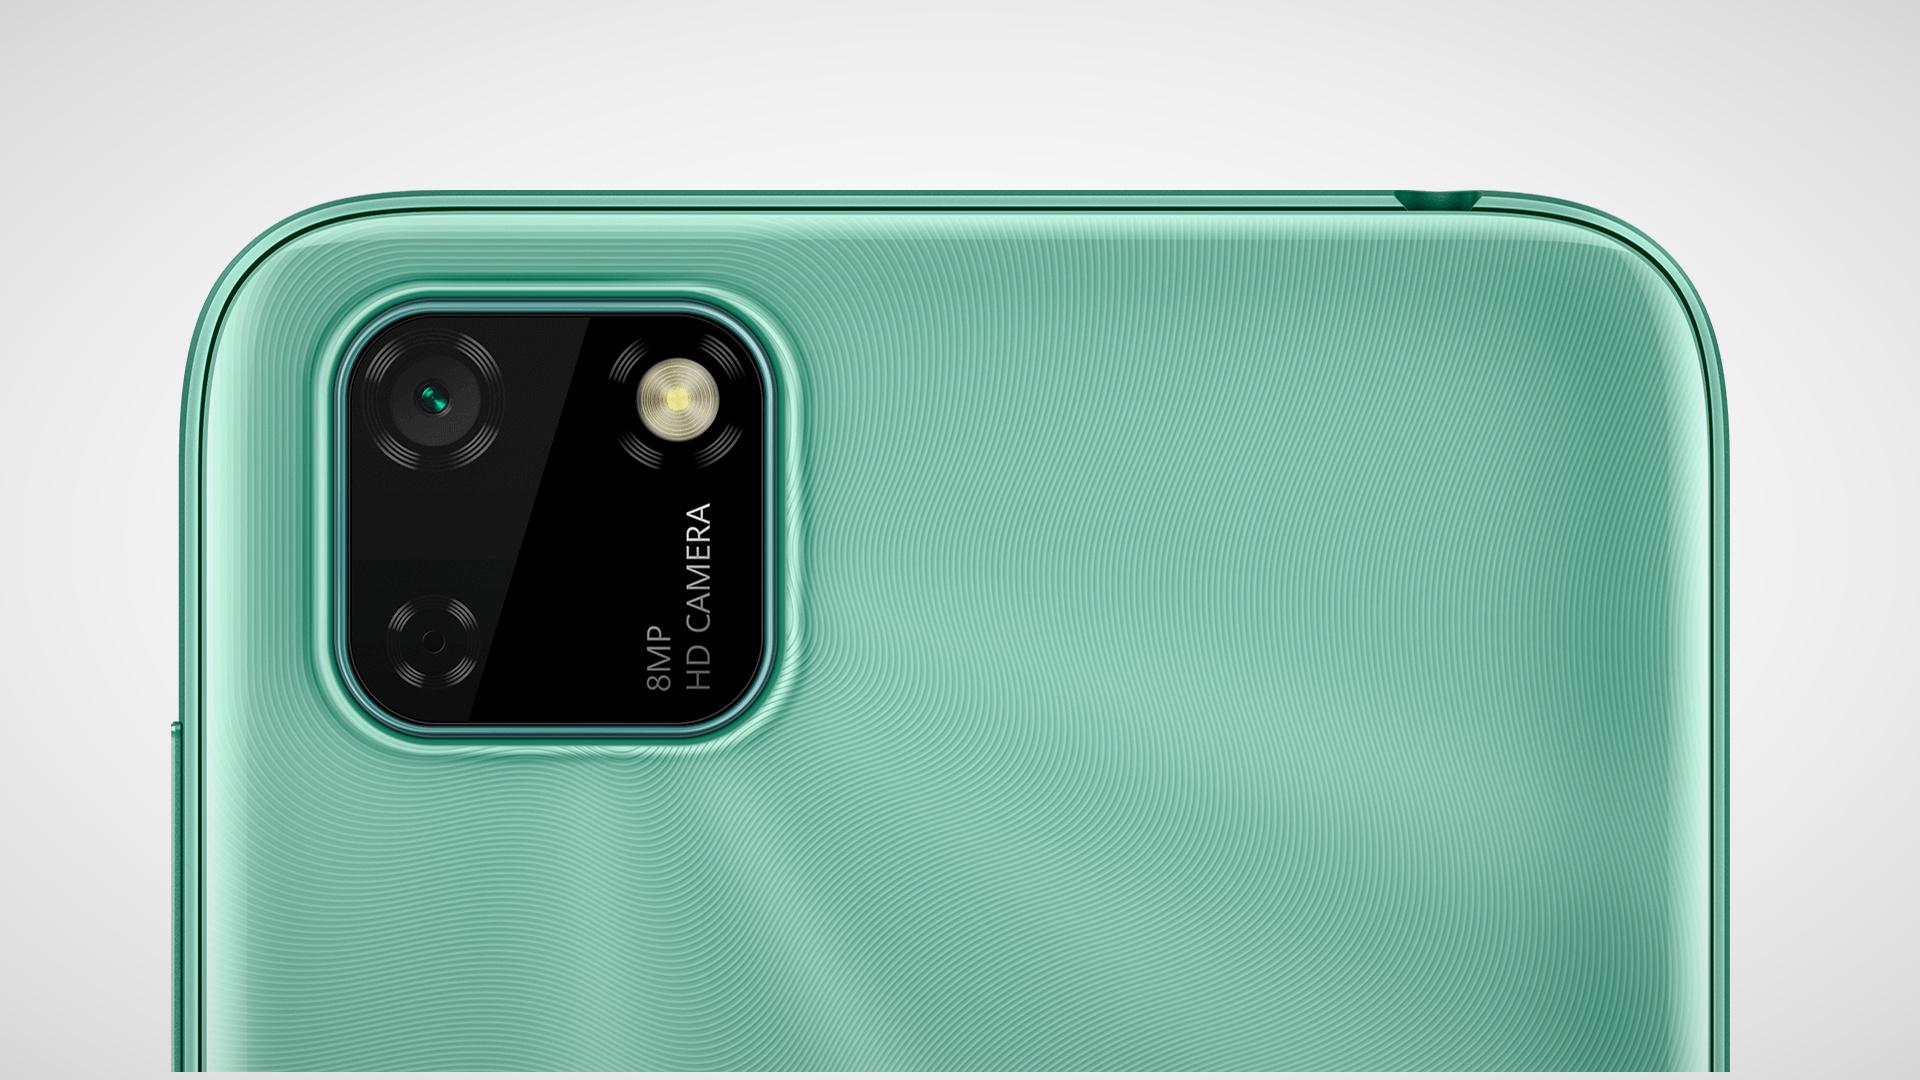 Das Huawei Y5p besitzt nur einen einfache 8MP-Kamerasensor